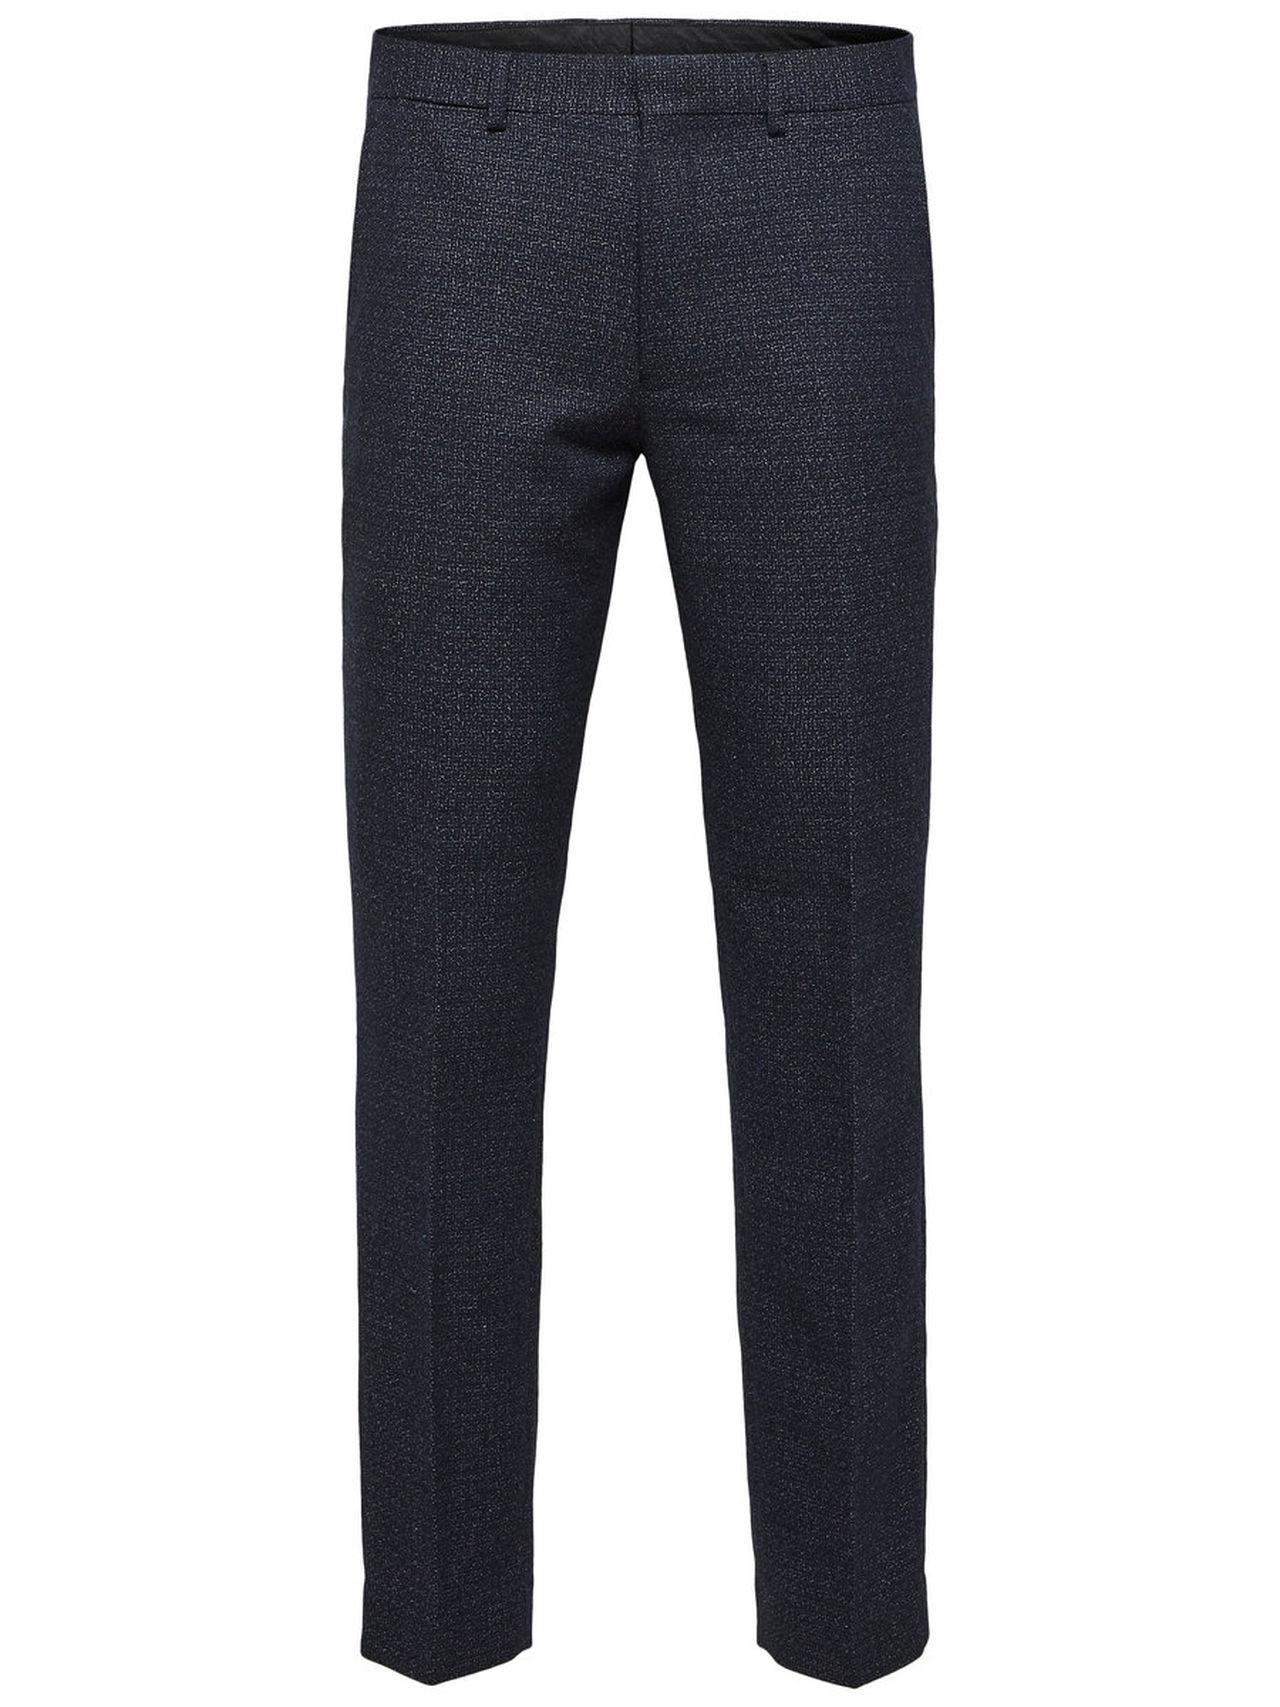 SELECTED Regular Fit – Trousers Man Blå